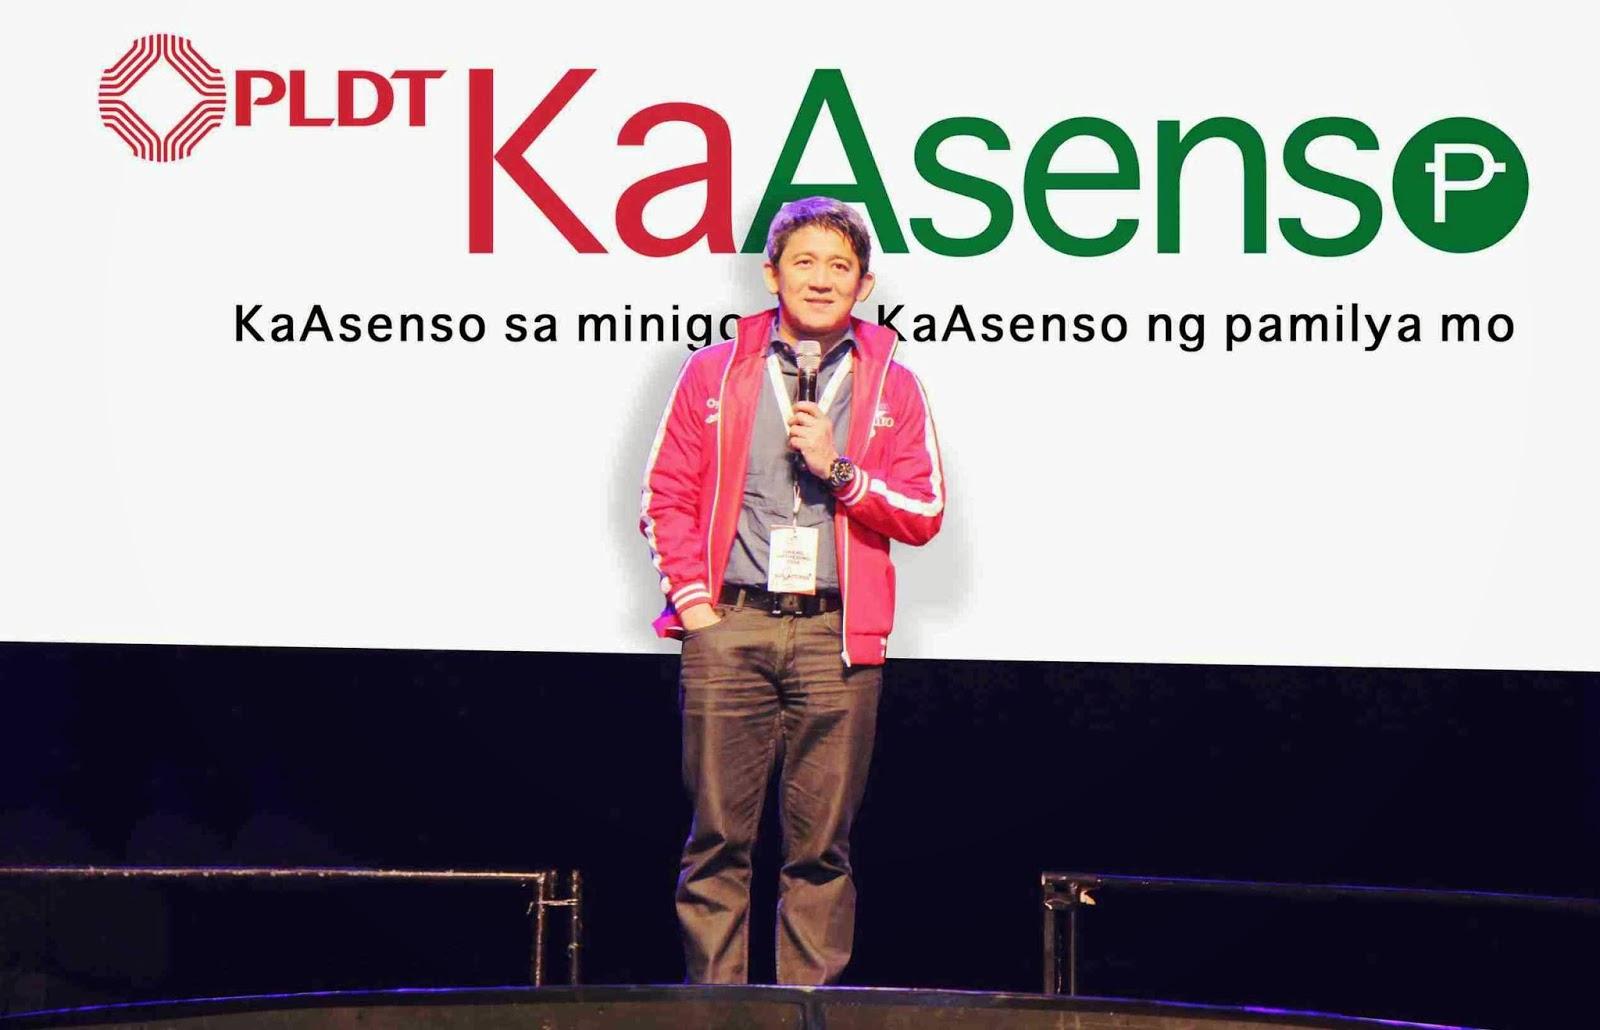 PLDT KaAsenso